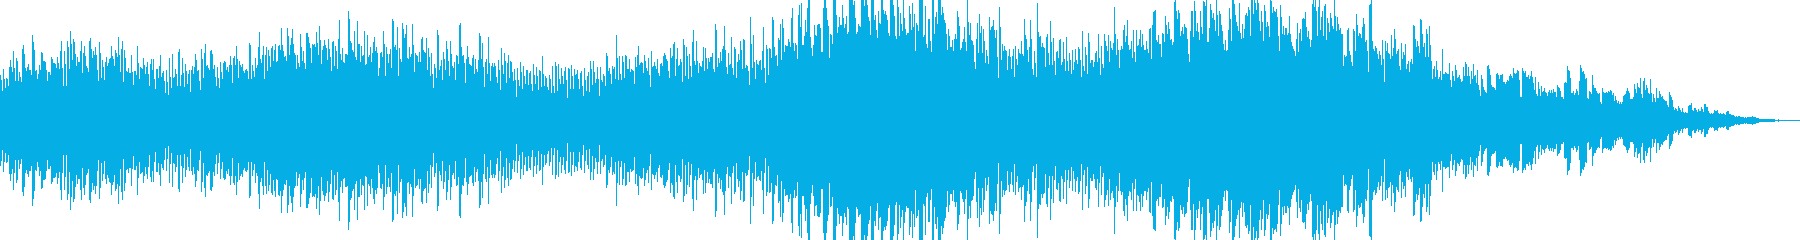 アンビエントサイケの再生済みの波形